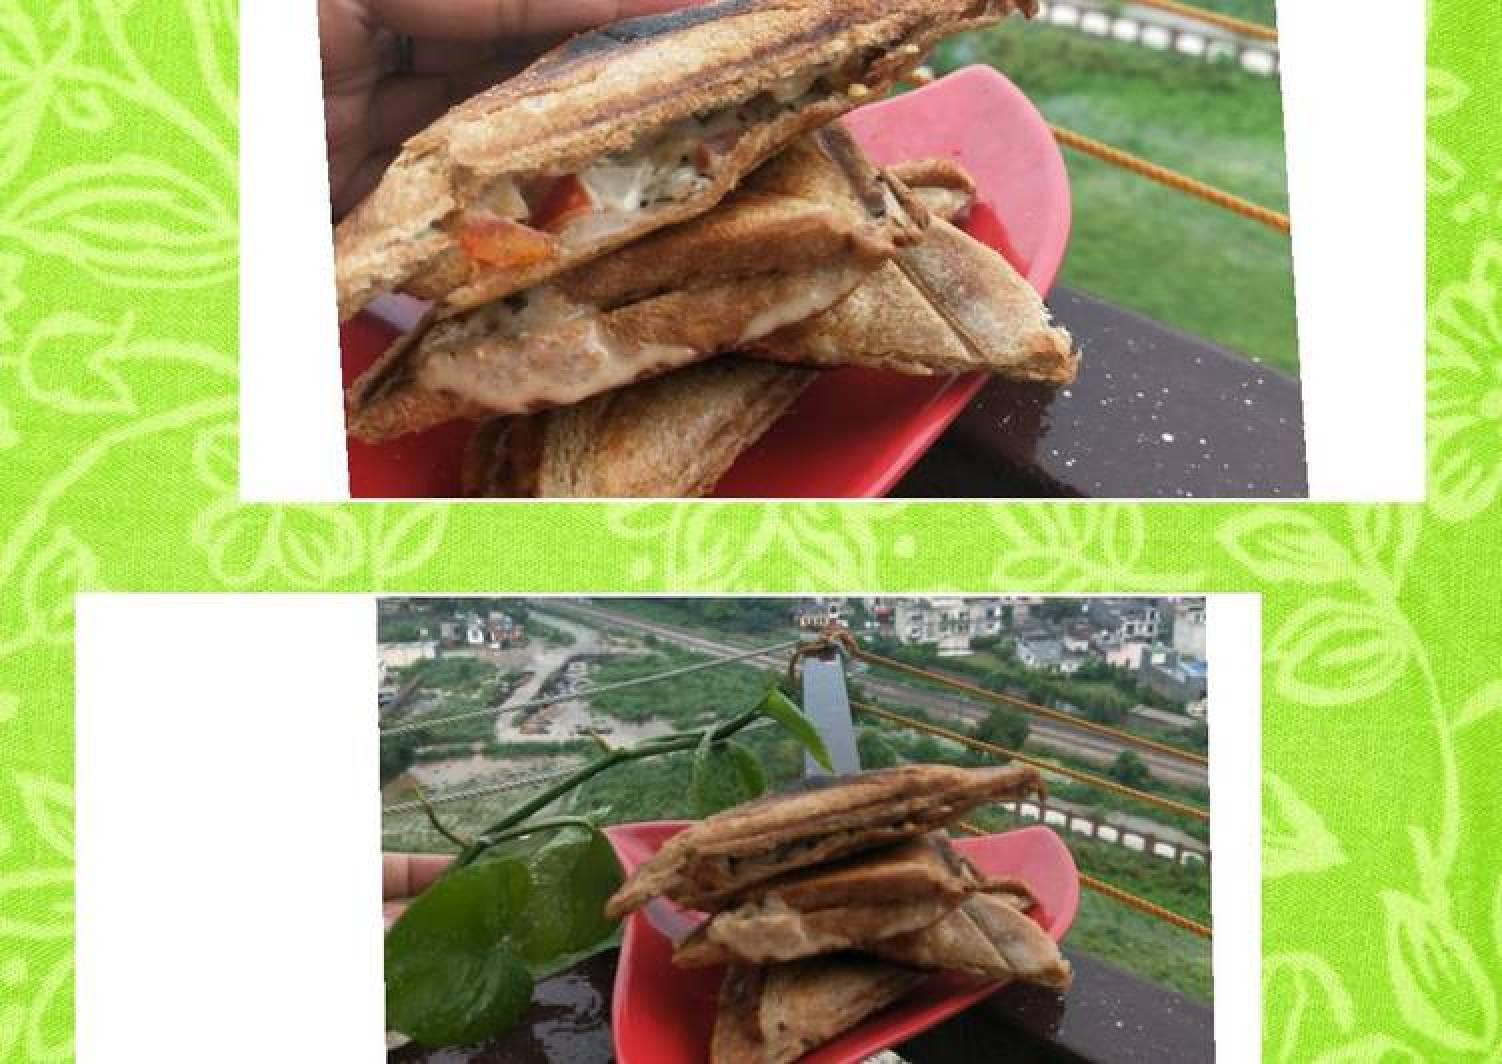 Raw Macroni Mayonnaise-Curd Sandwich